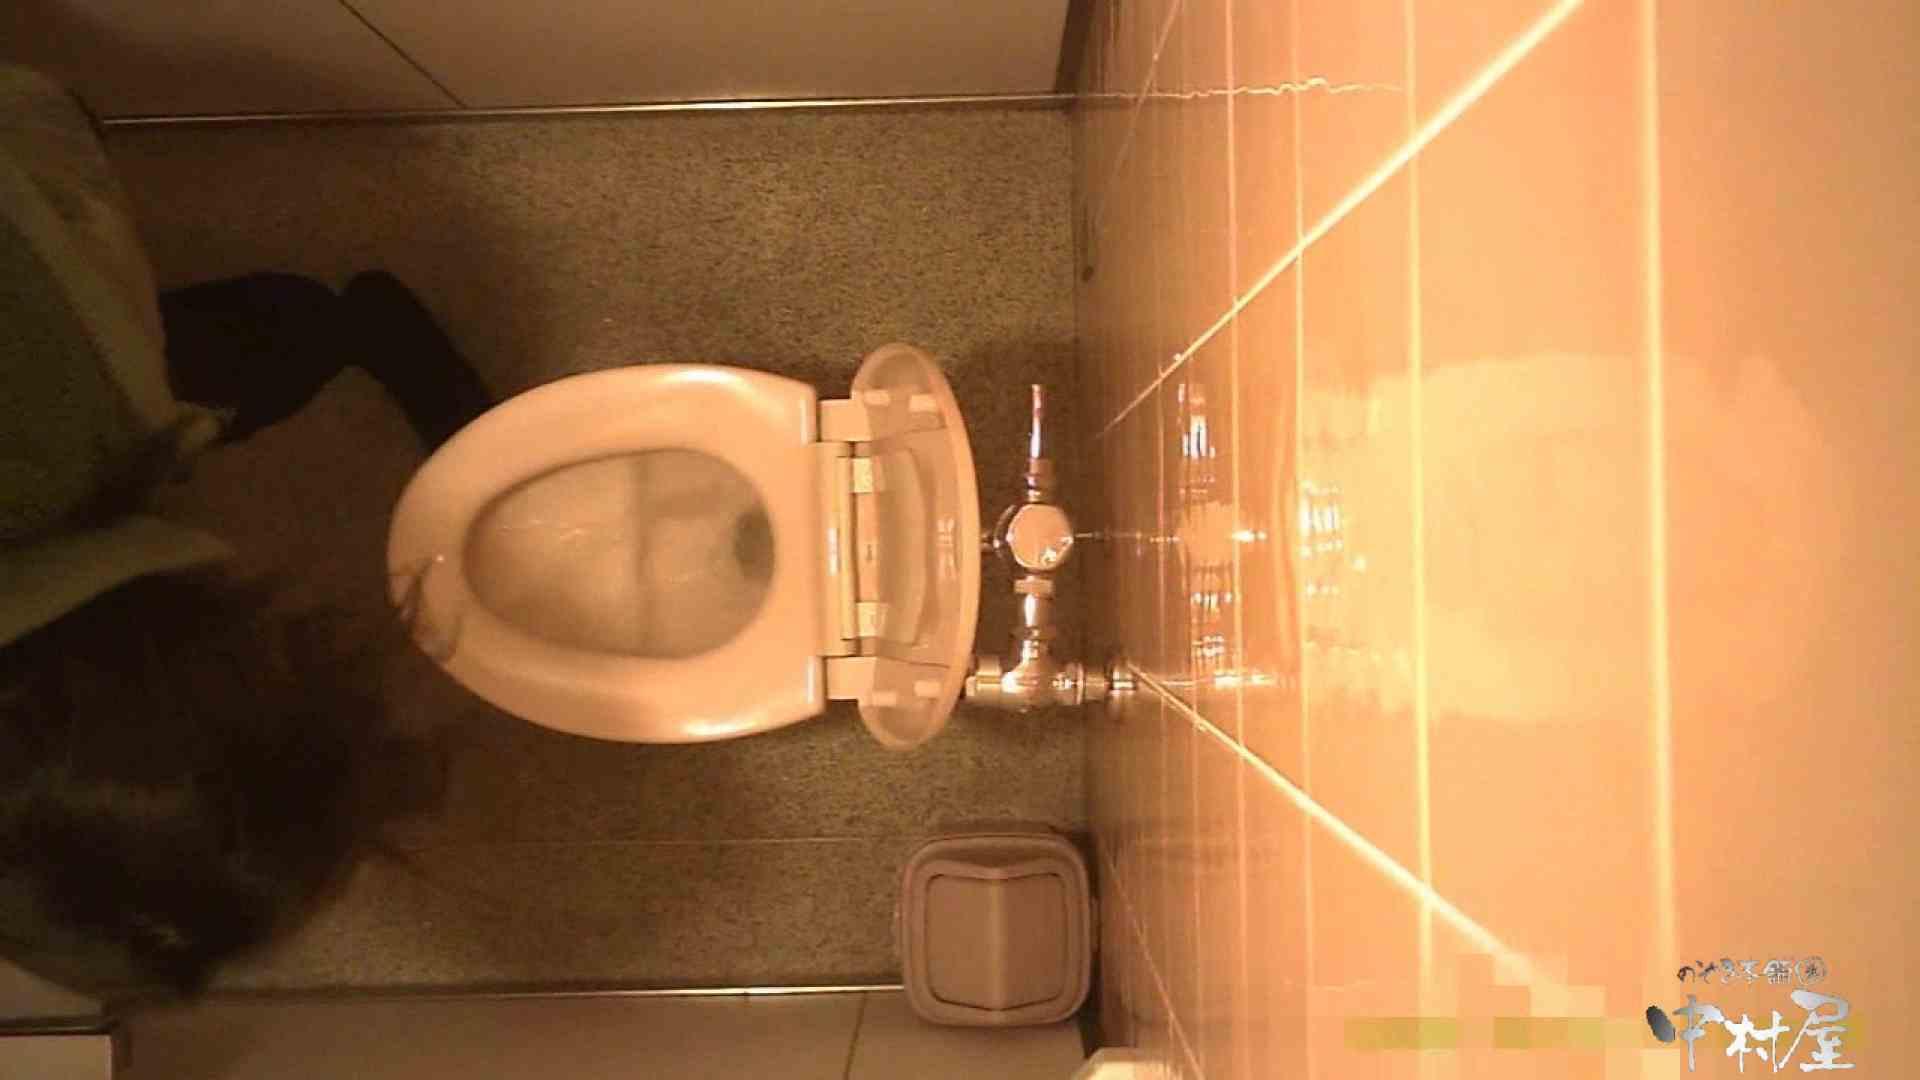 初盗撮!女盗撮師カレンさんの 潜入!女子トイレ盗撮!Vol.5 女子トイレ | 盗撮  61pic 31